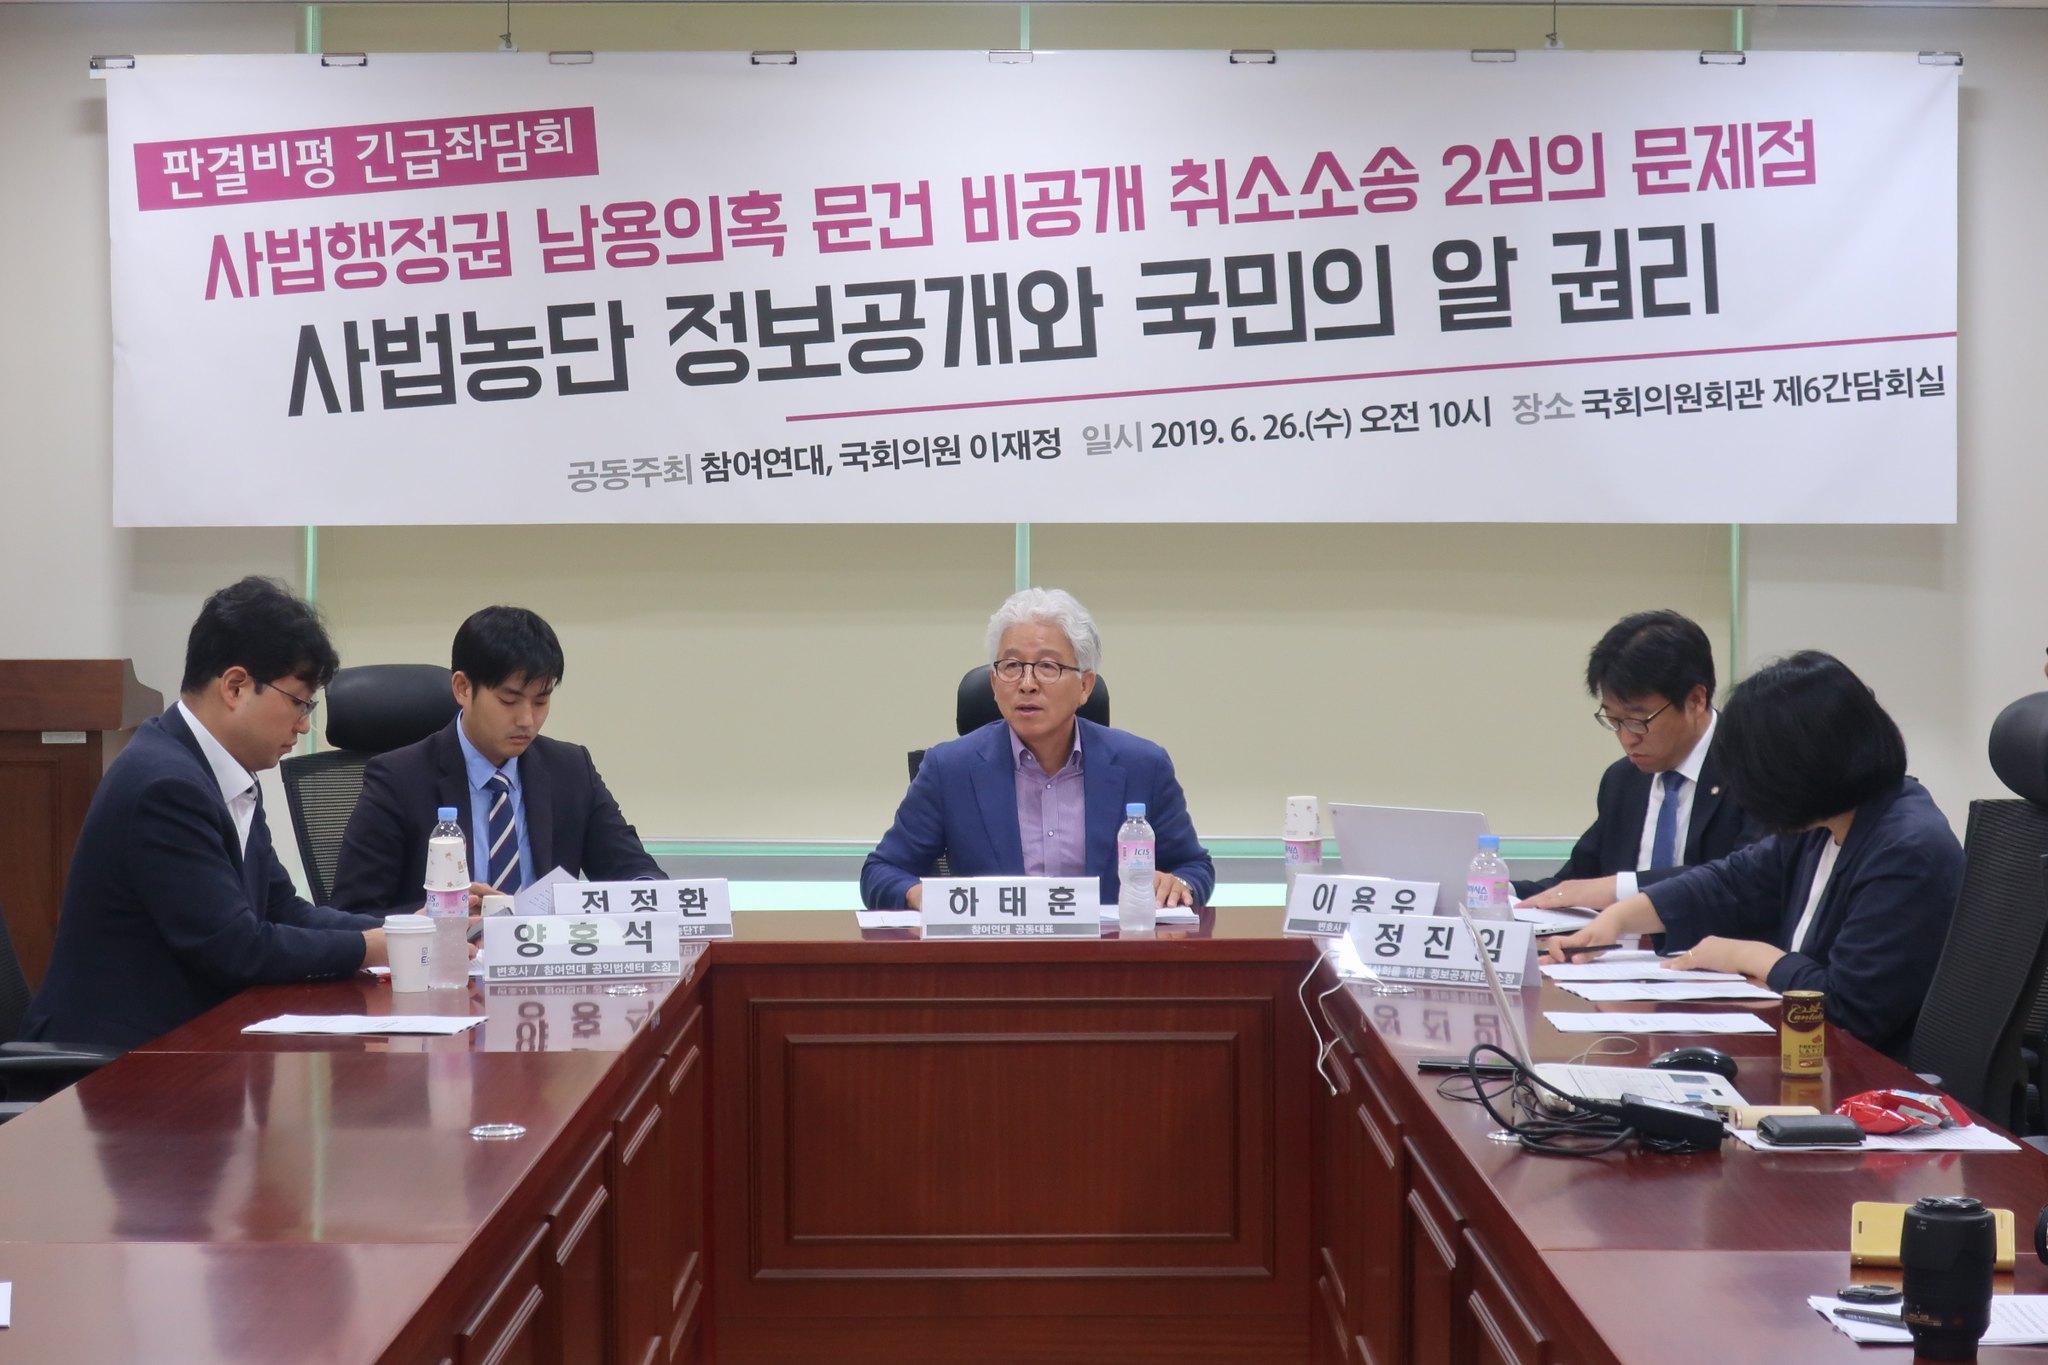 20190626_사법농단정보공개와 국민의 알권리 긴급좌담회